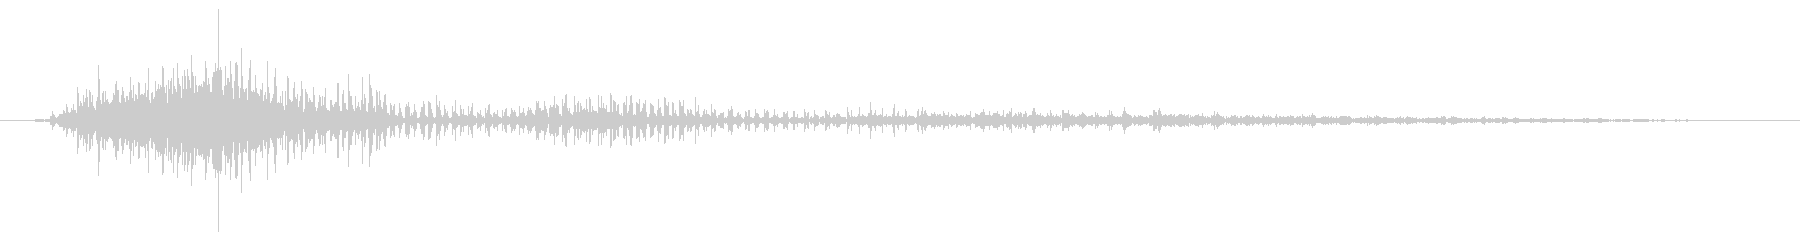 白鳥:シューッという音の未再生の波形